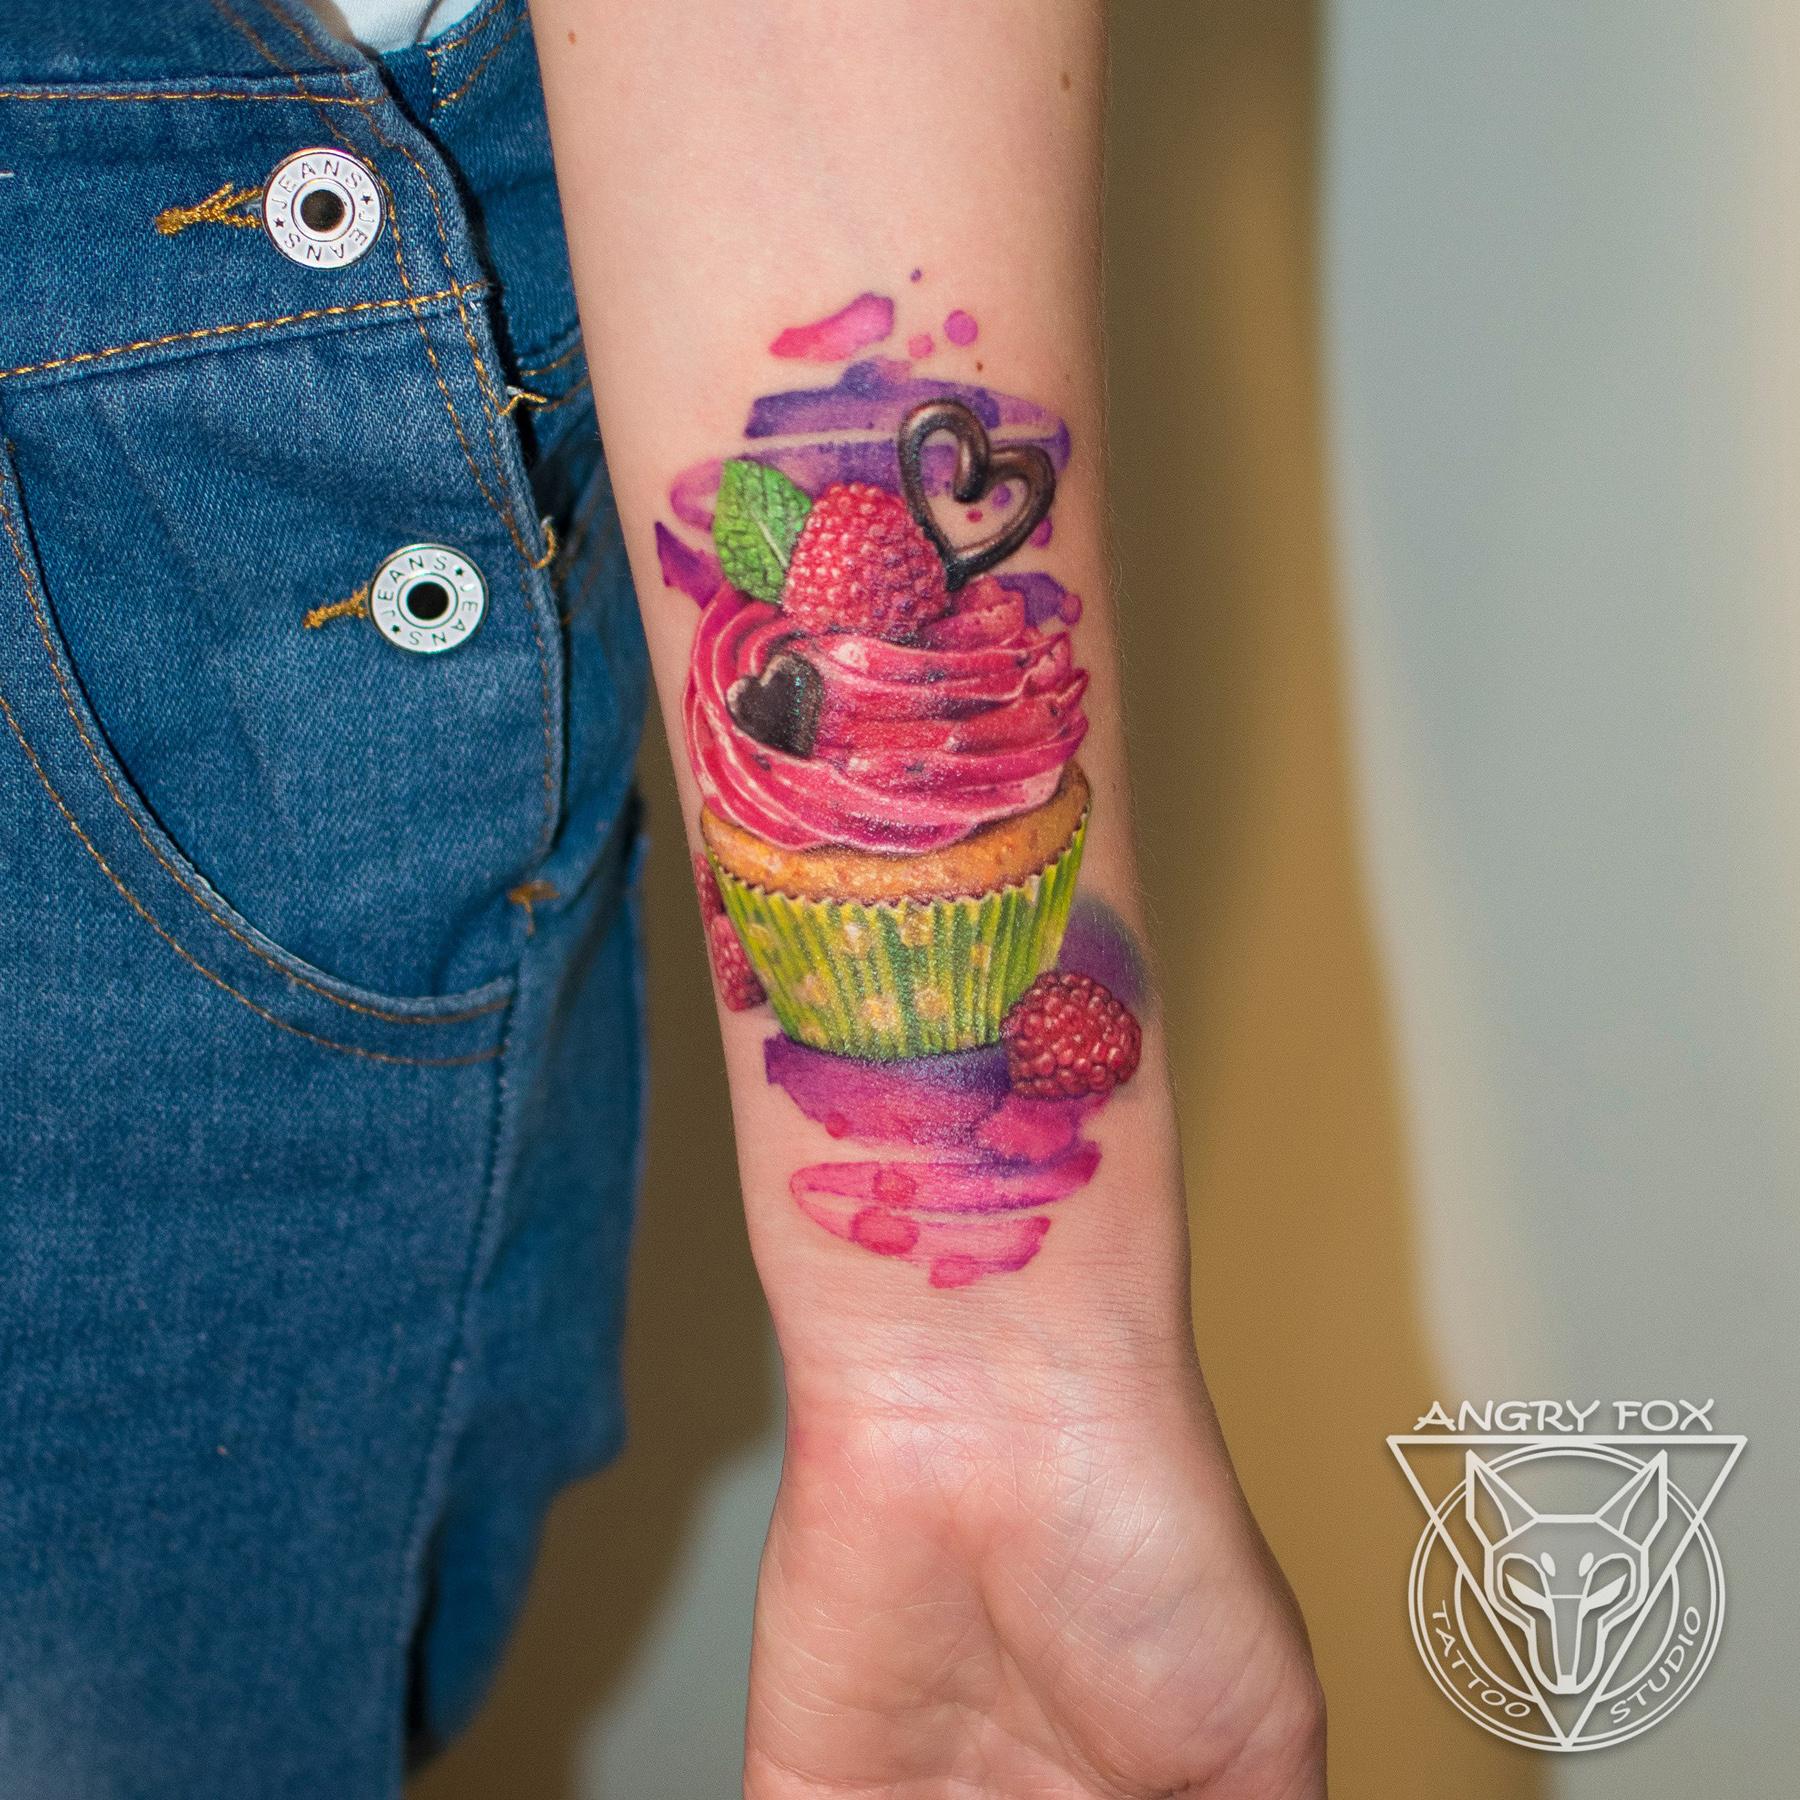 Татуировка, тату, девушка, предплечье, рука, пирожное, безе, крем, мята, шоколад, малина, ягоды, кекс, акварель, реализм